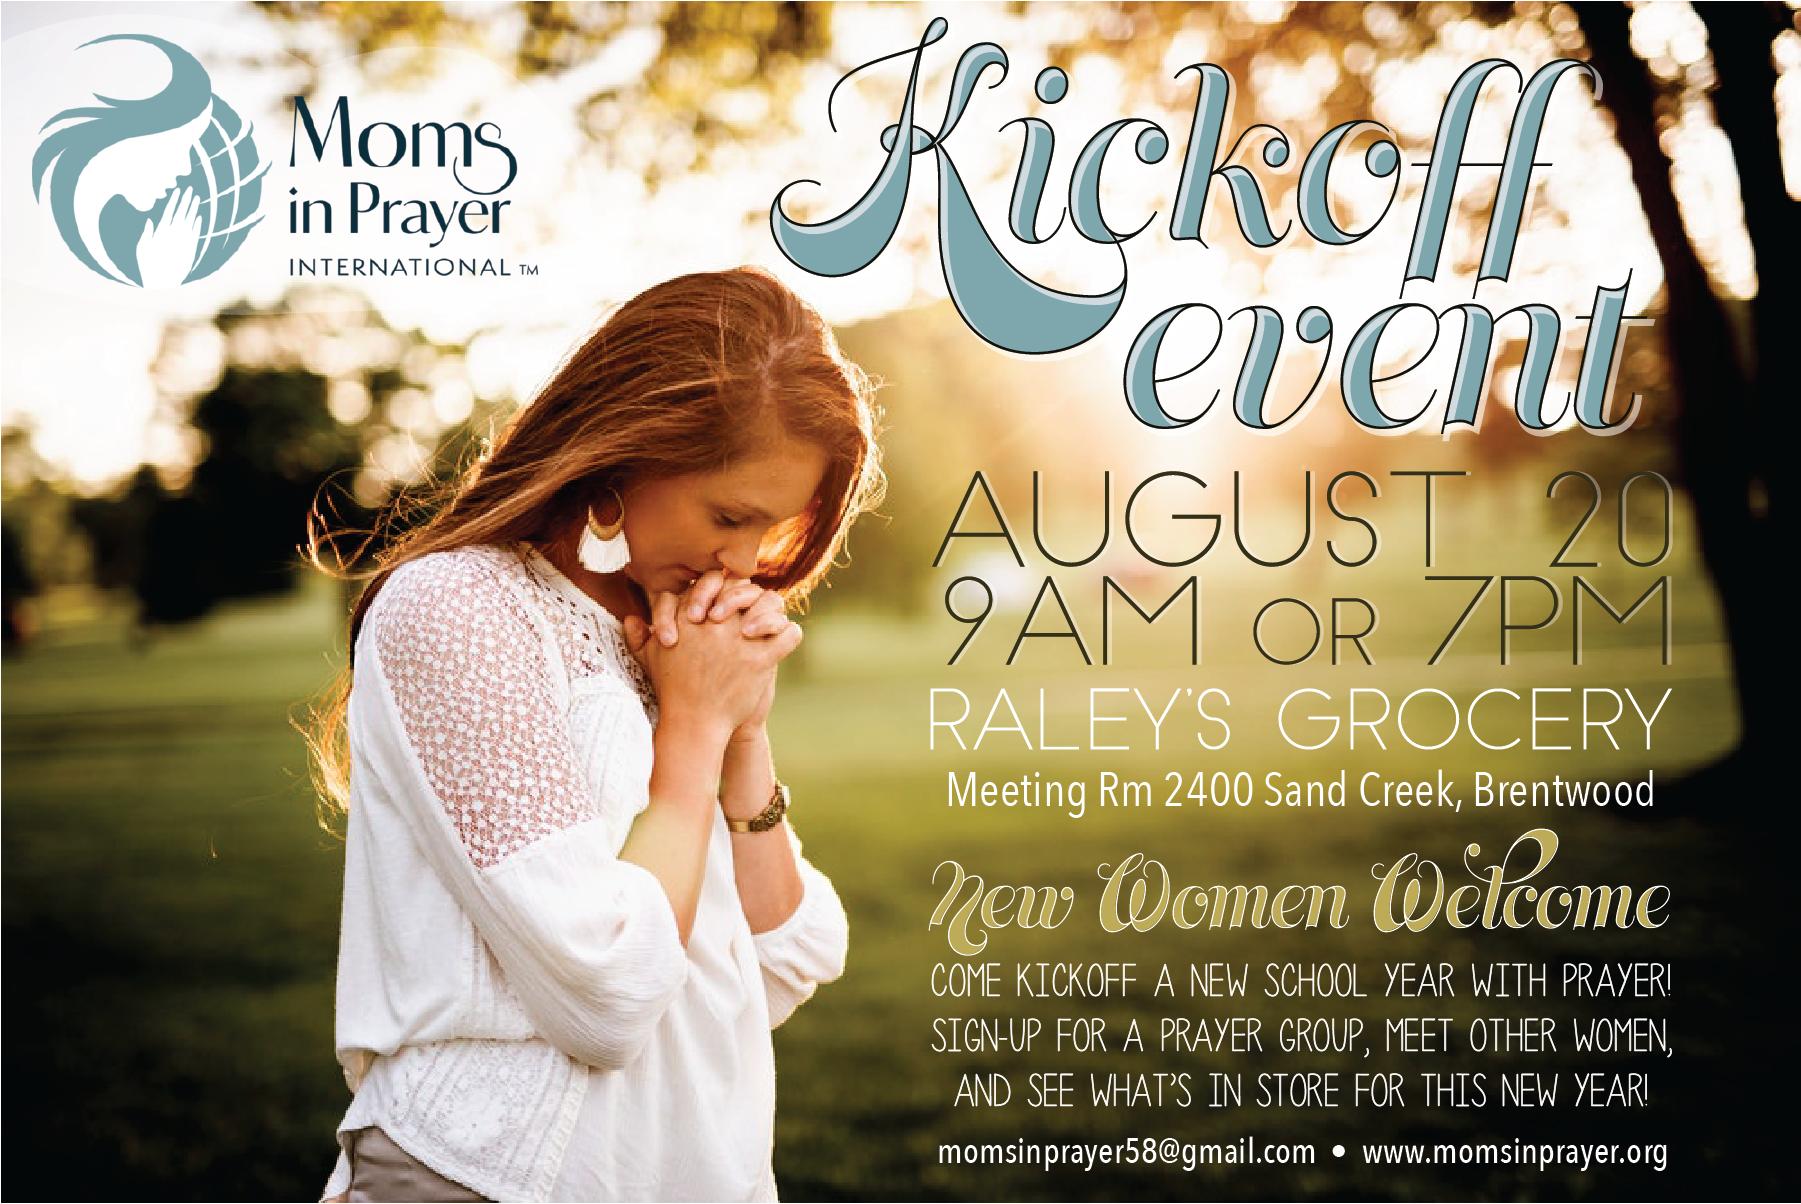 Moms In Prayer Kickoff